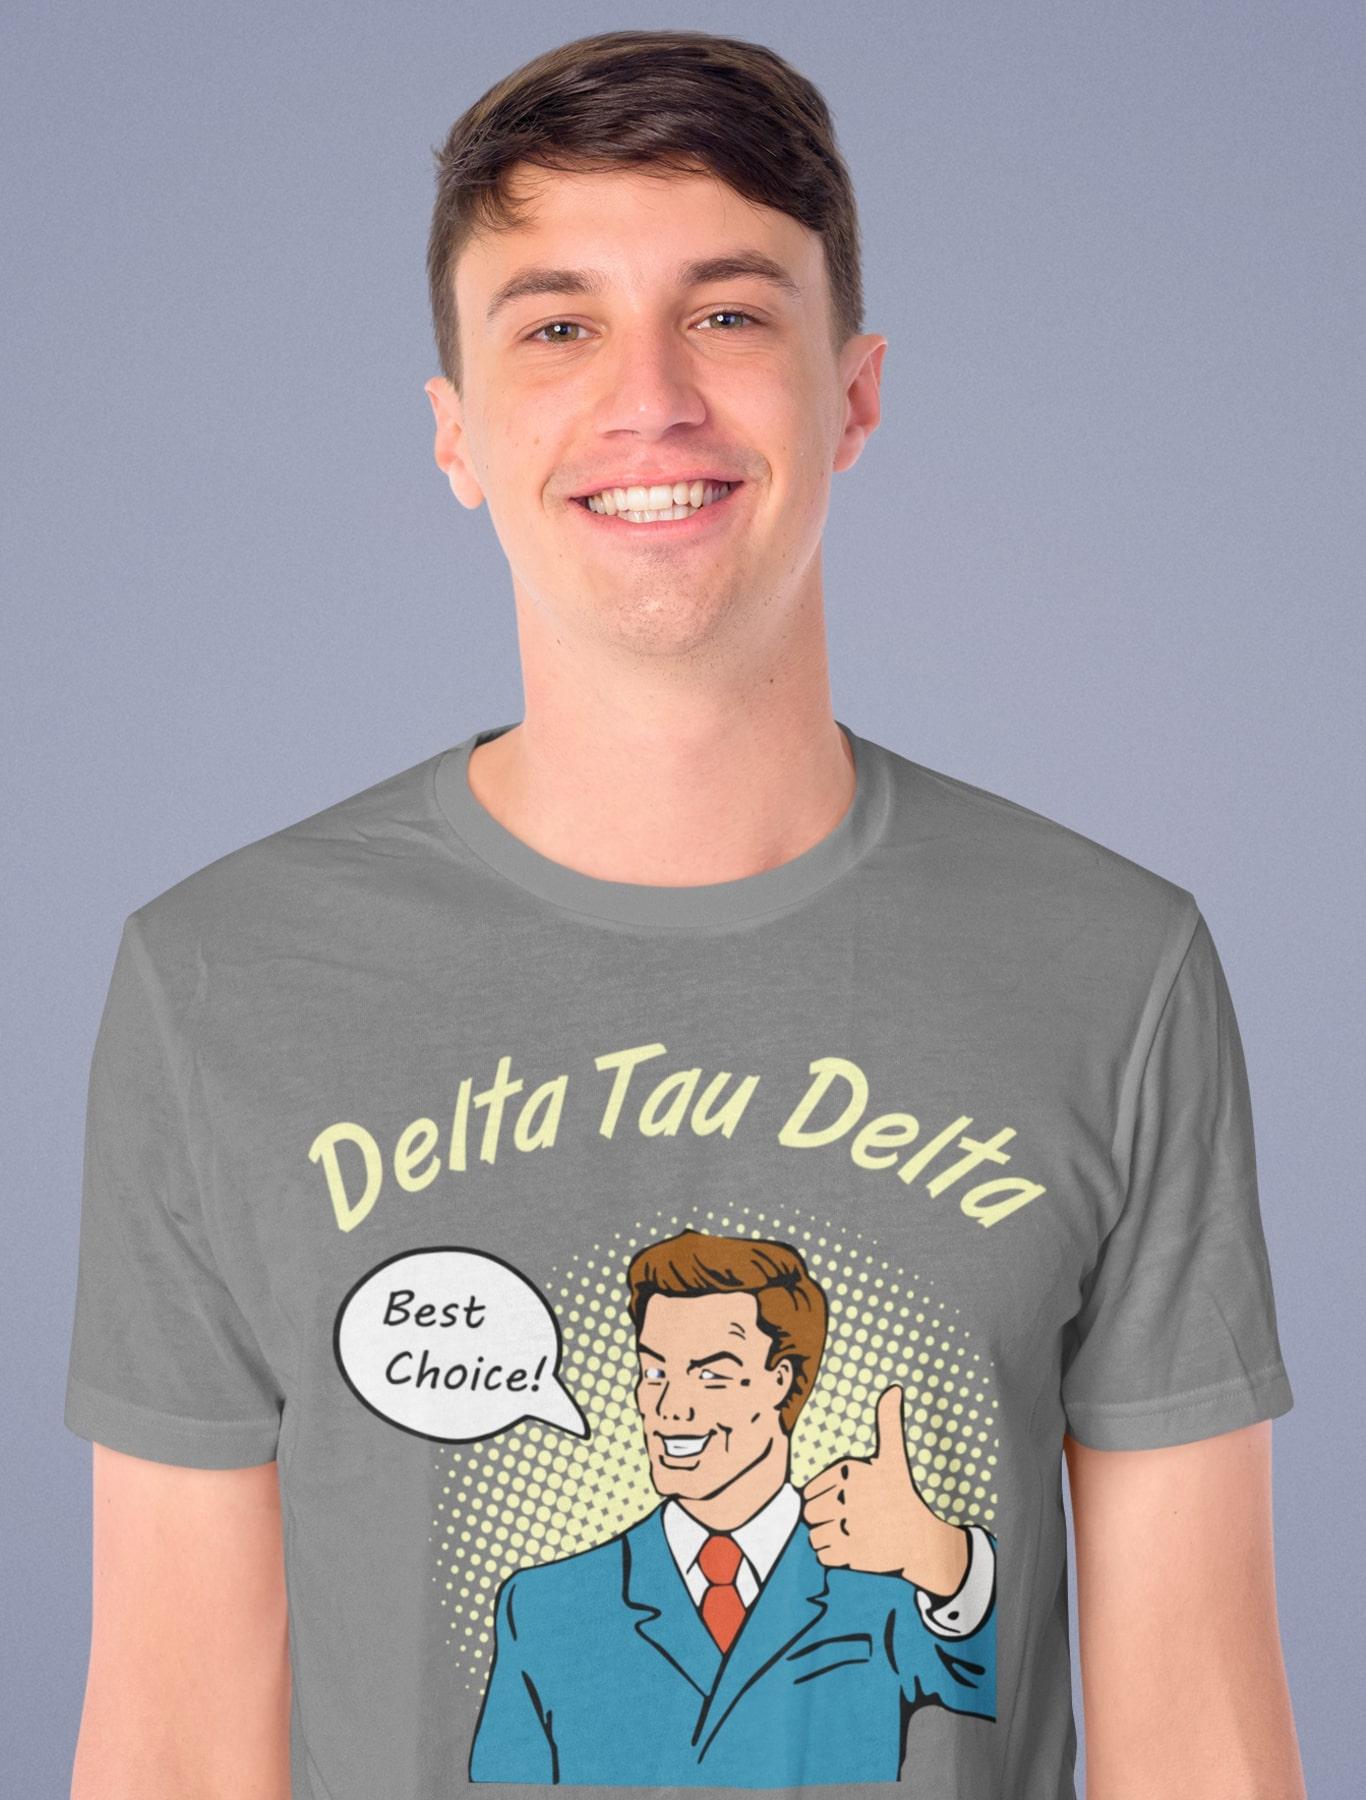 Delta Tau Delta Best Choice